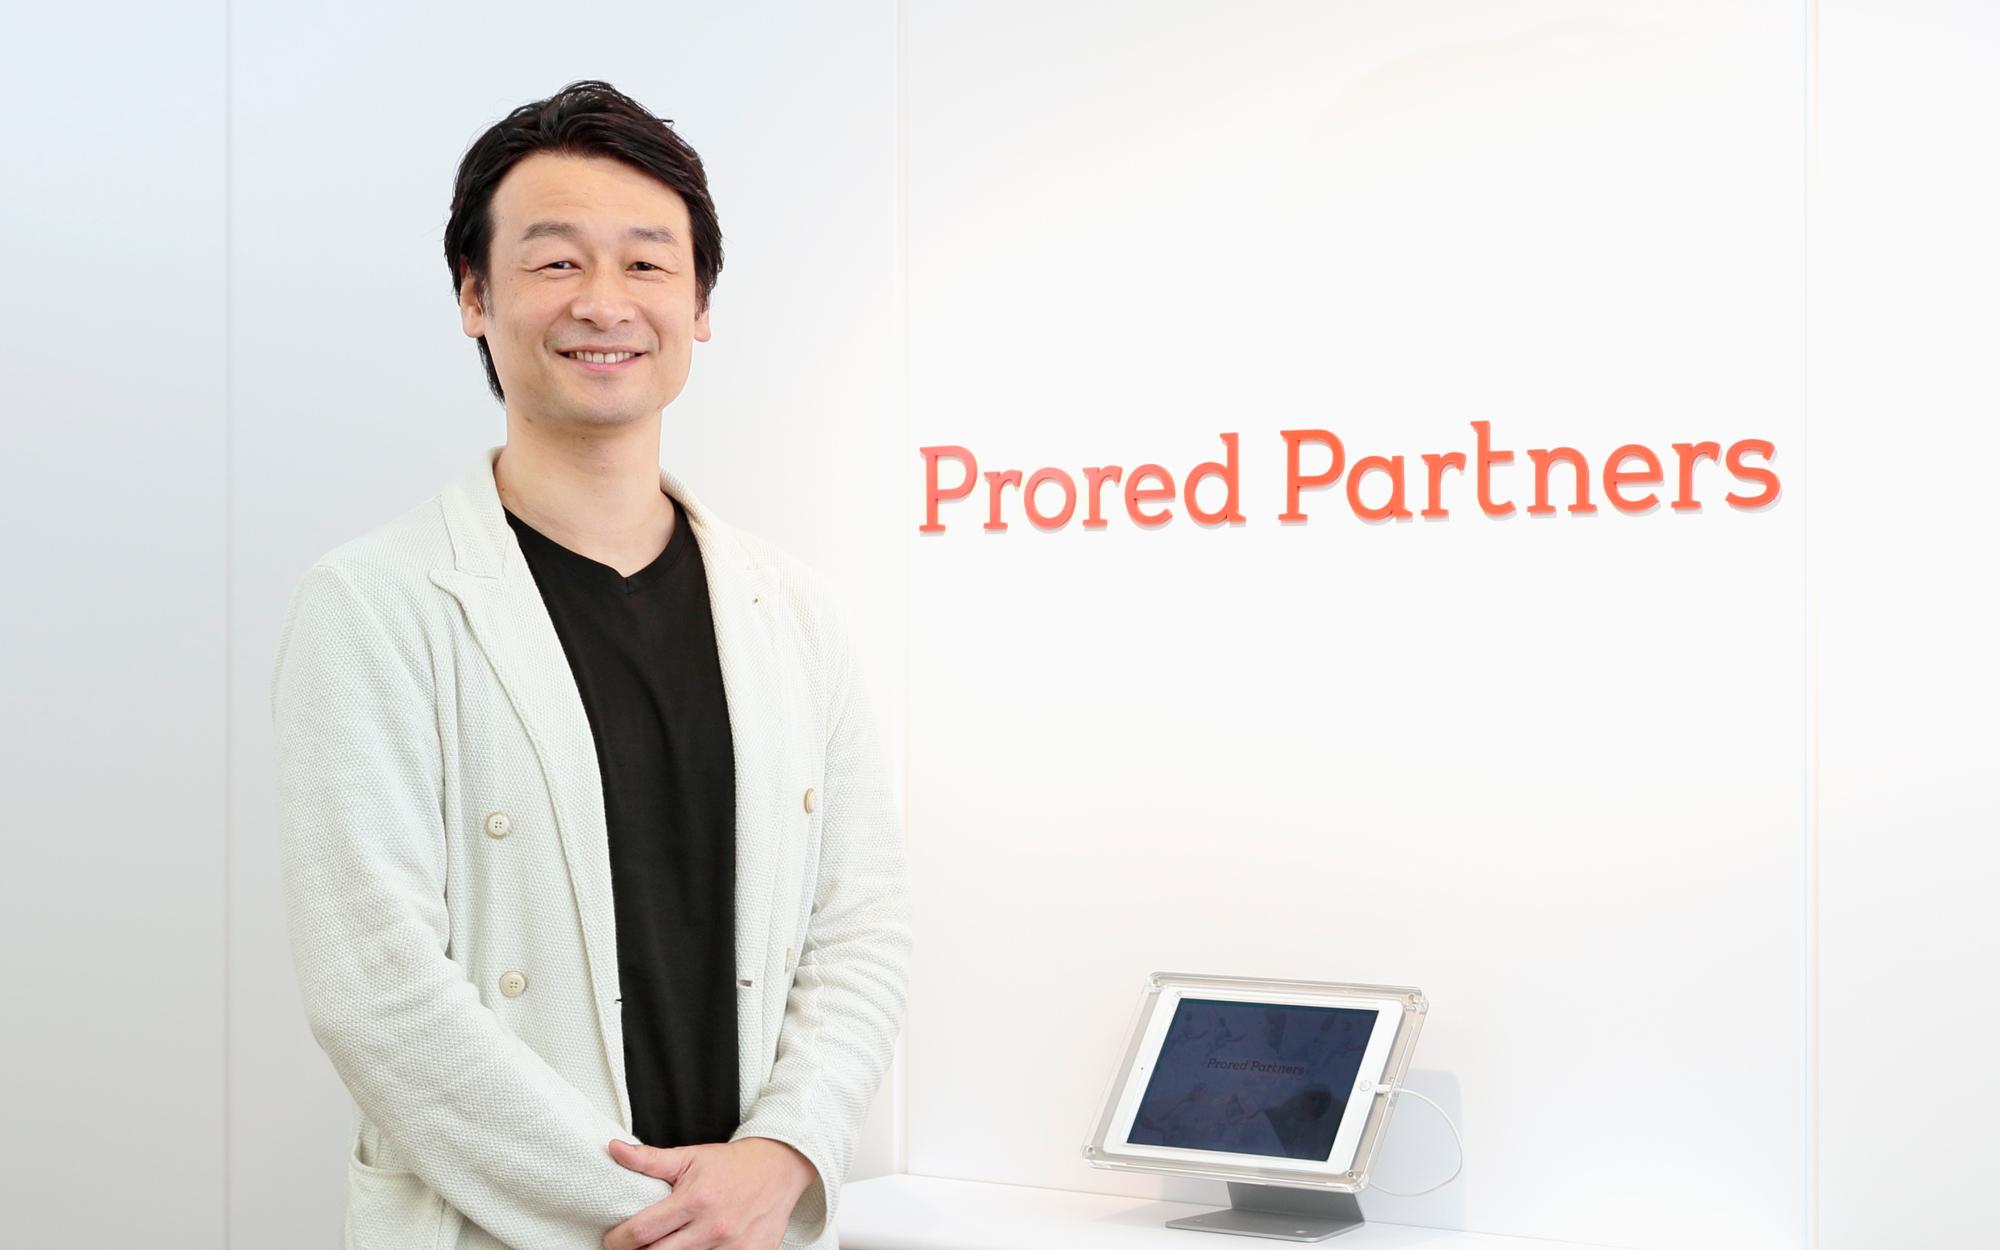 株式会社プロレドパートナーズ 代表取締役 佐谷進 インタビュー サムネイル1